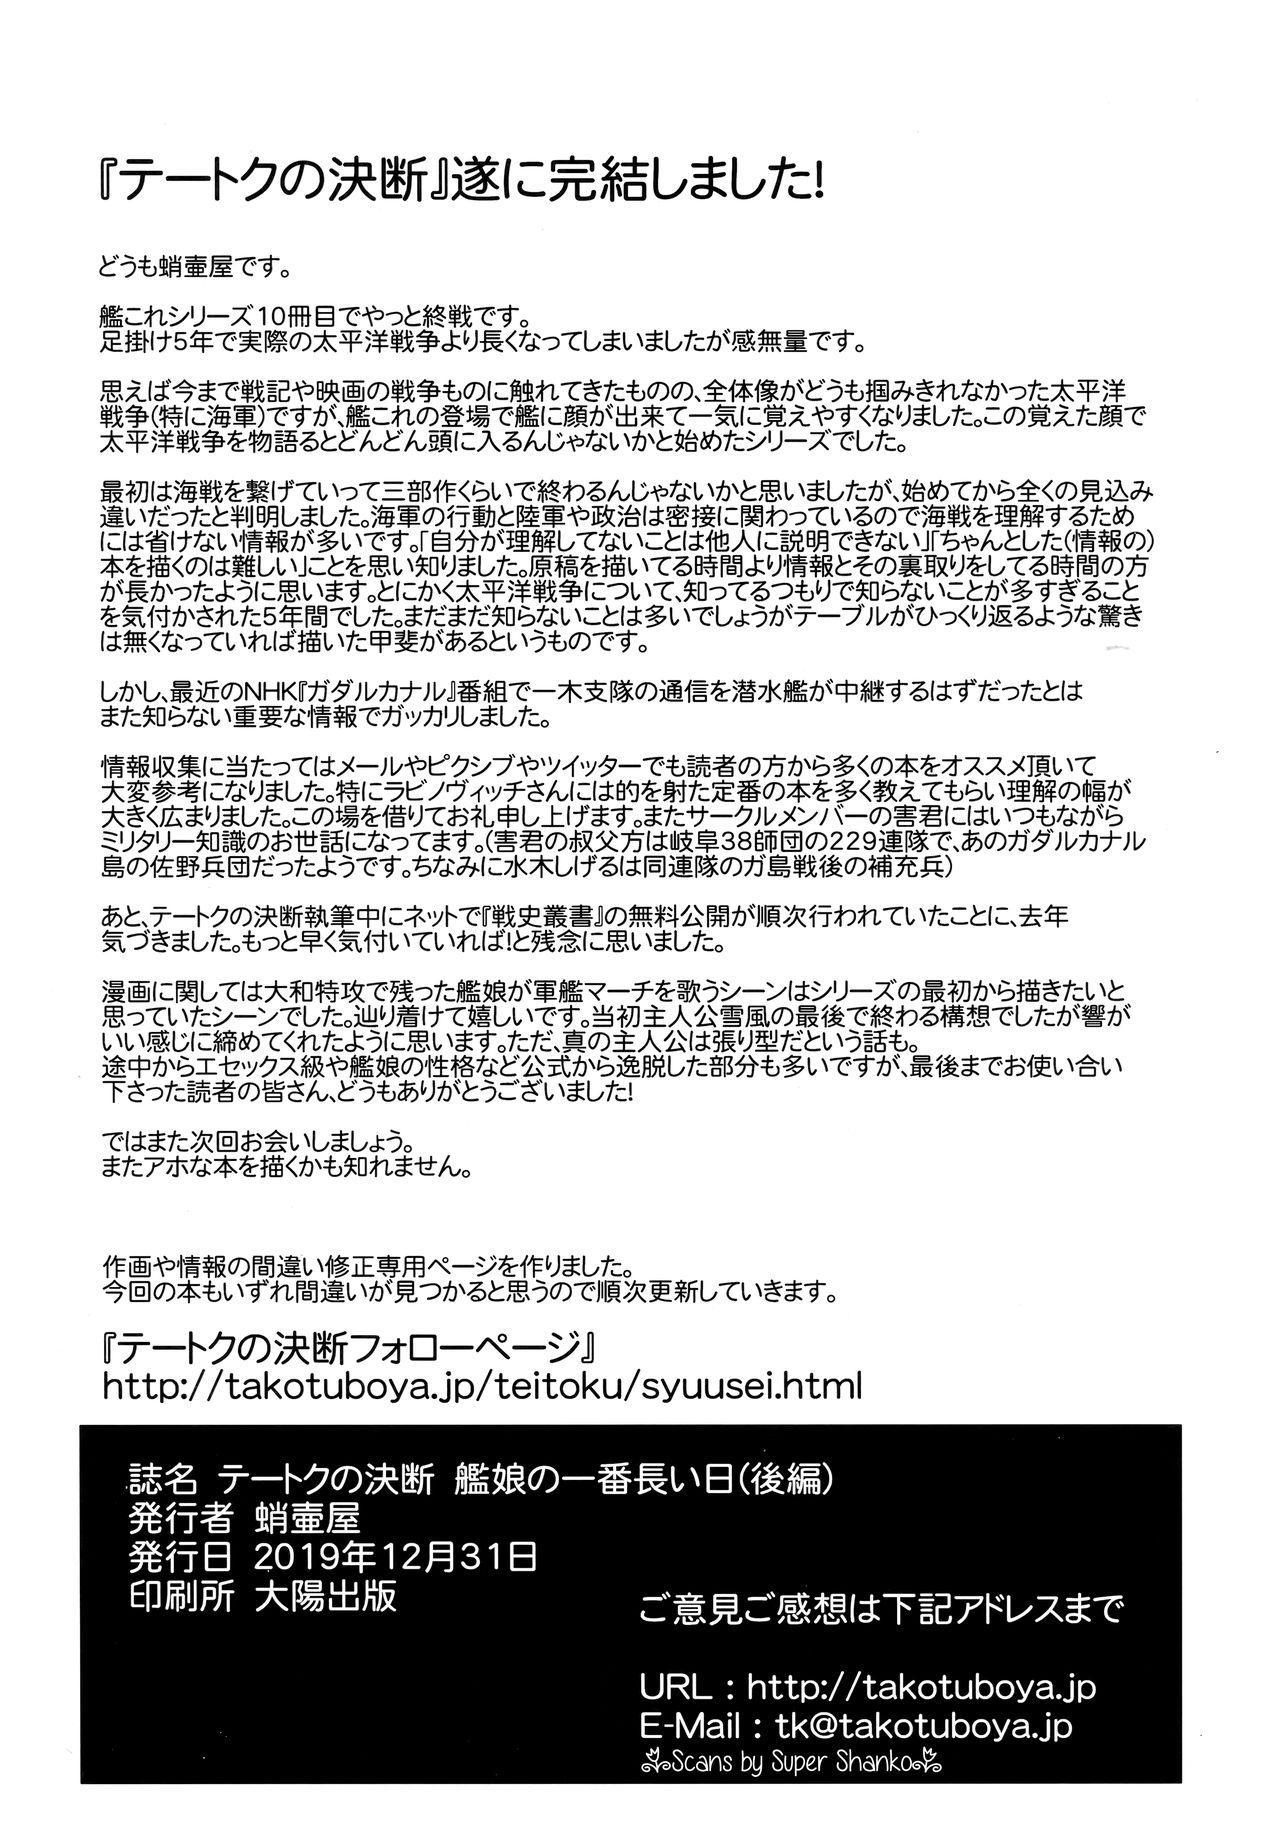 Teitoku no Ketsudan Kanmusu no Ichiban Nagai Hi 58